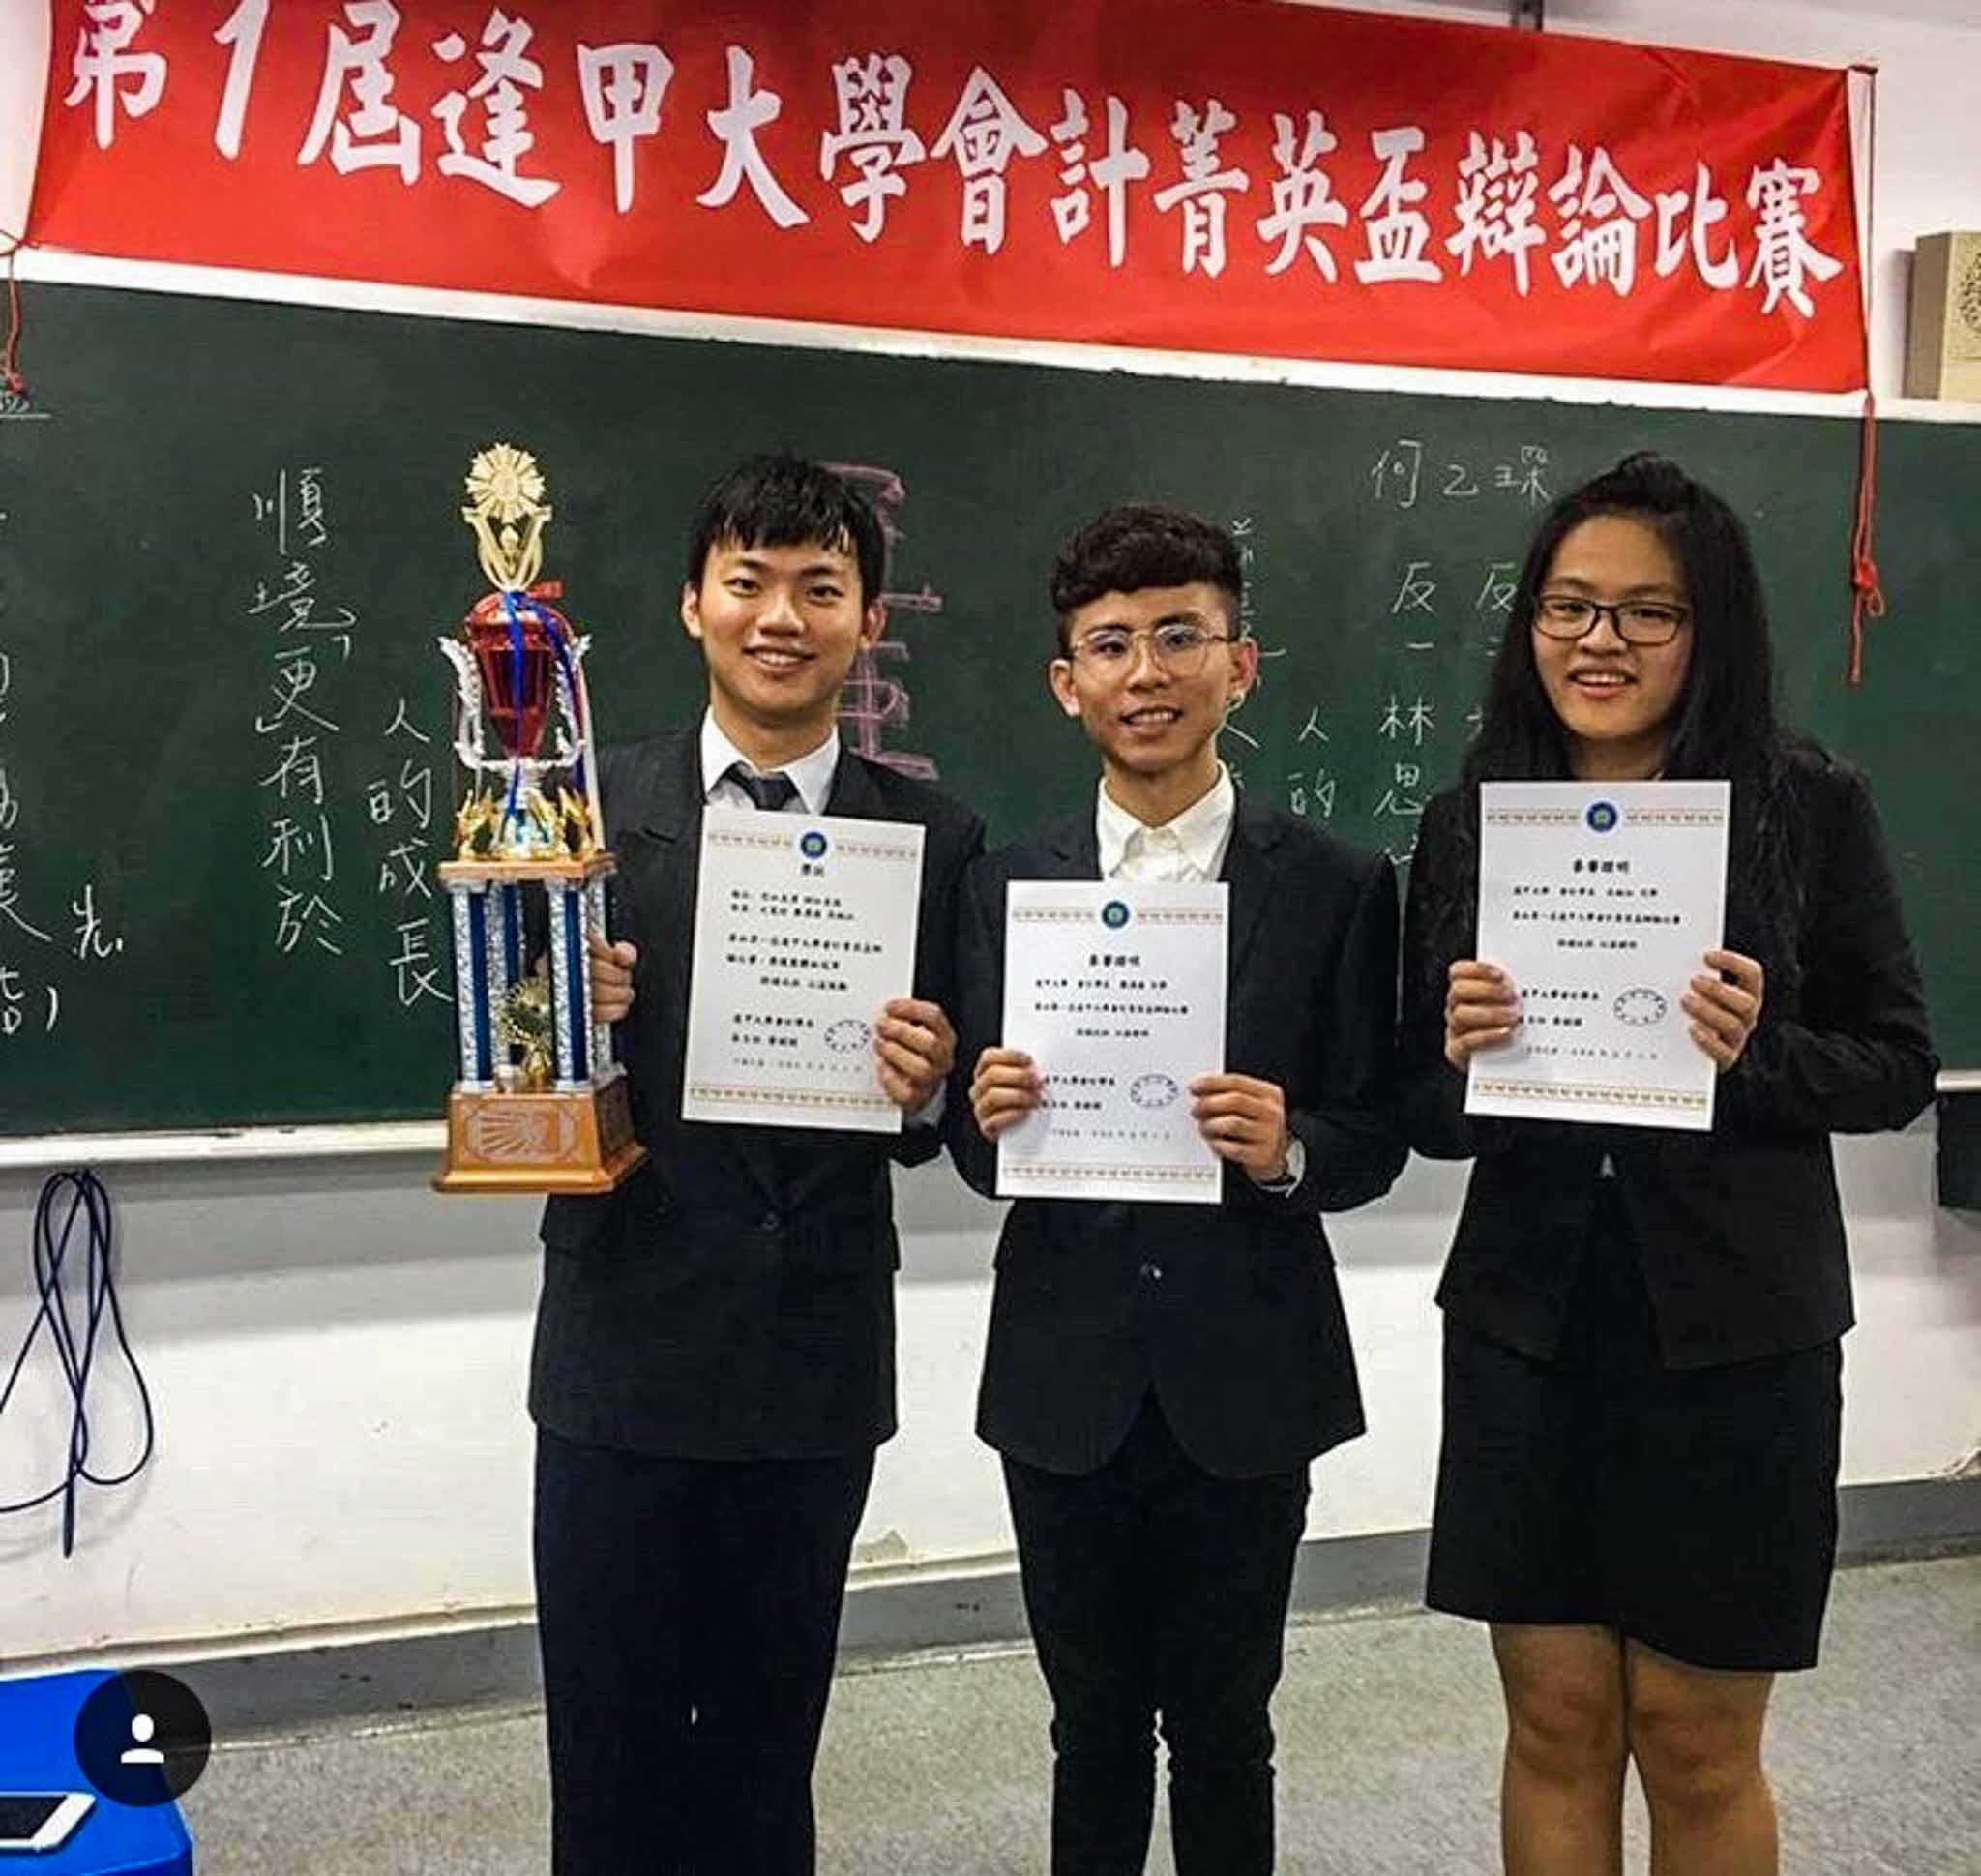 大學生愛分享_逢甲大學會計學系尤寬詮_參加會計菁英盃辯論比賽獲得第一名